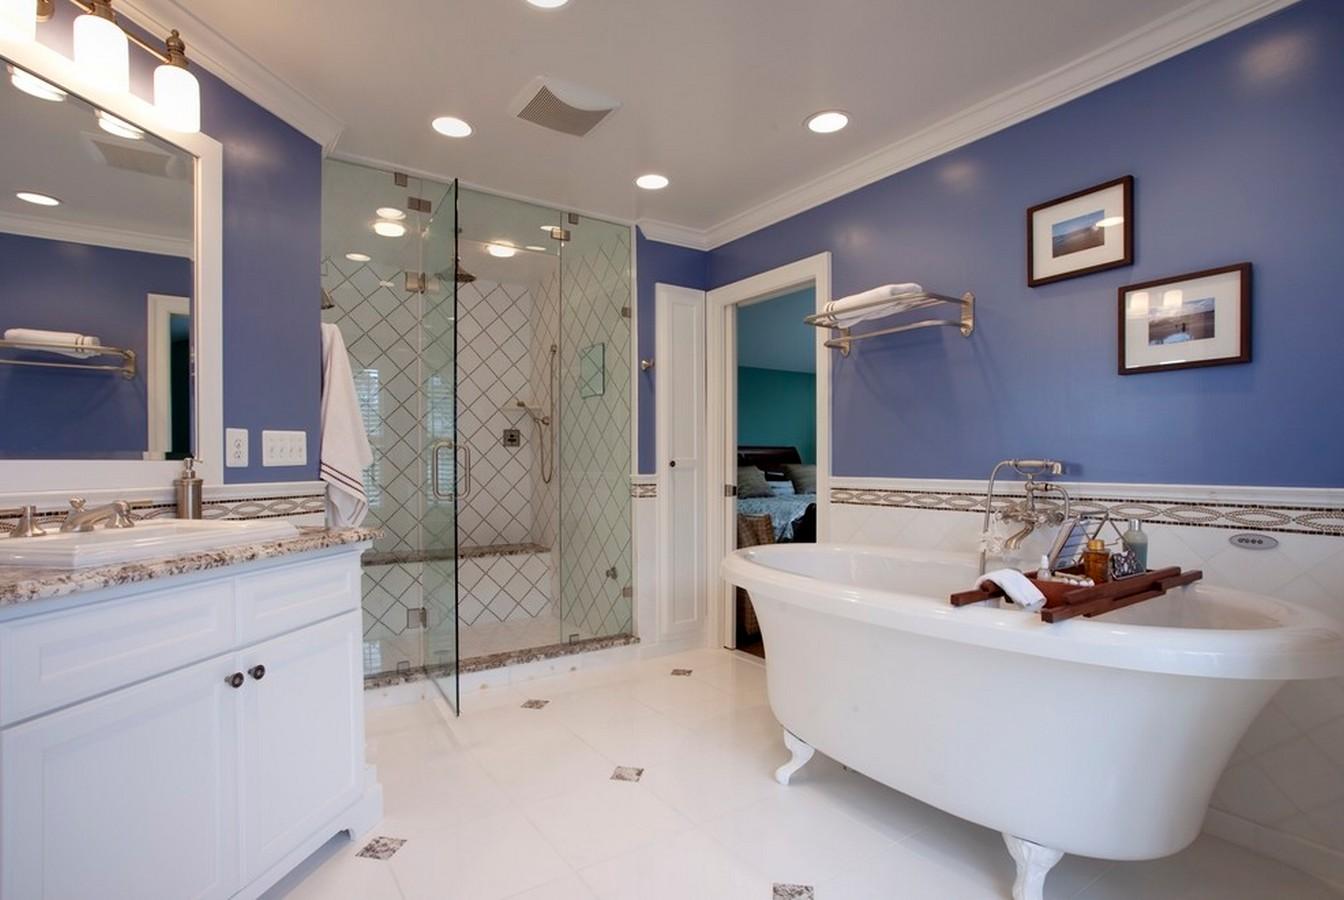 家装卫生间浴缸装修效果图 第3张 九正家居装修效果图